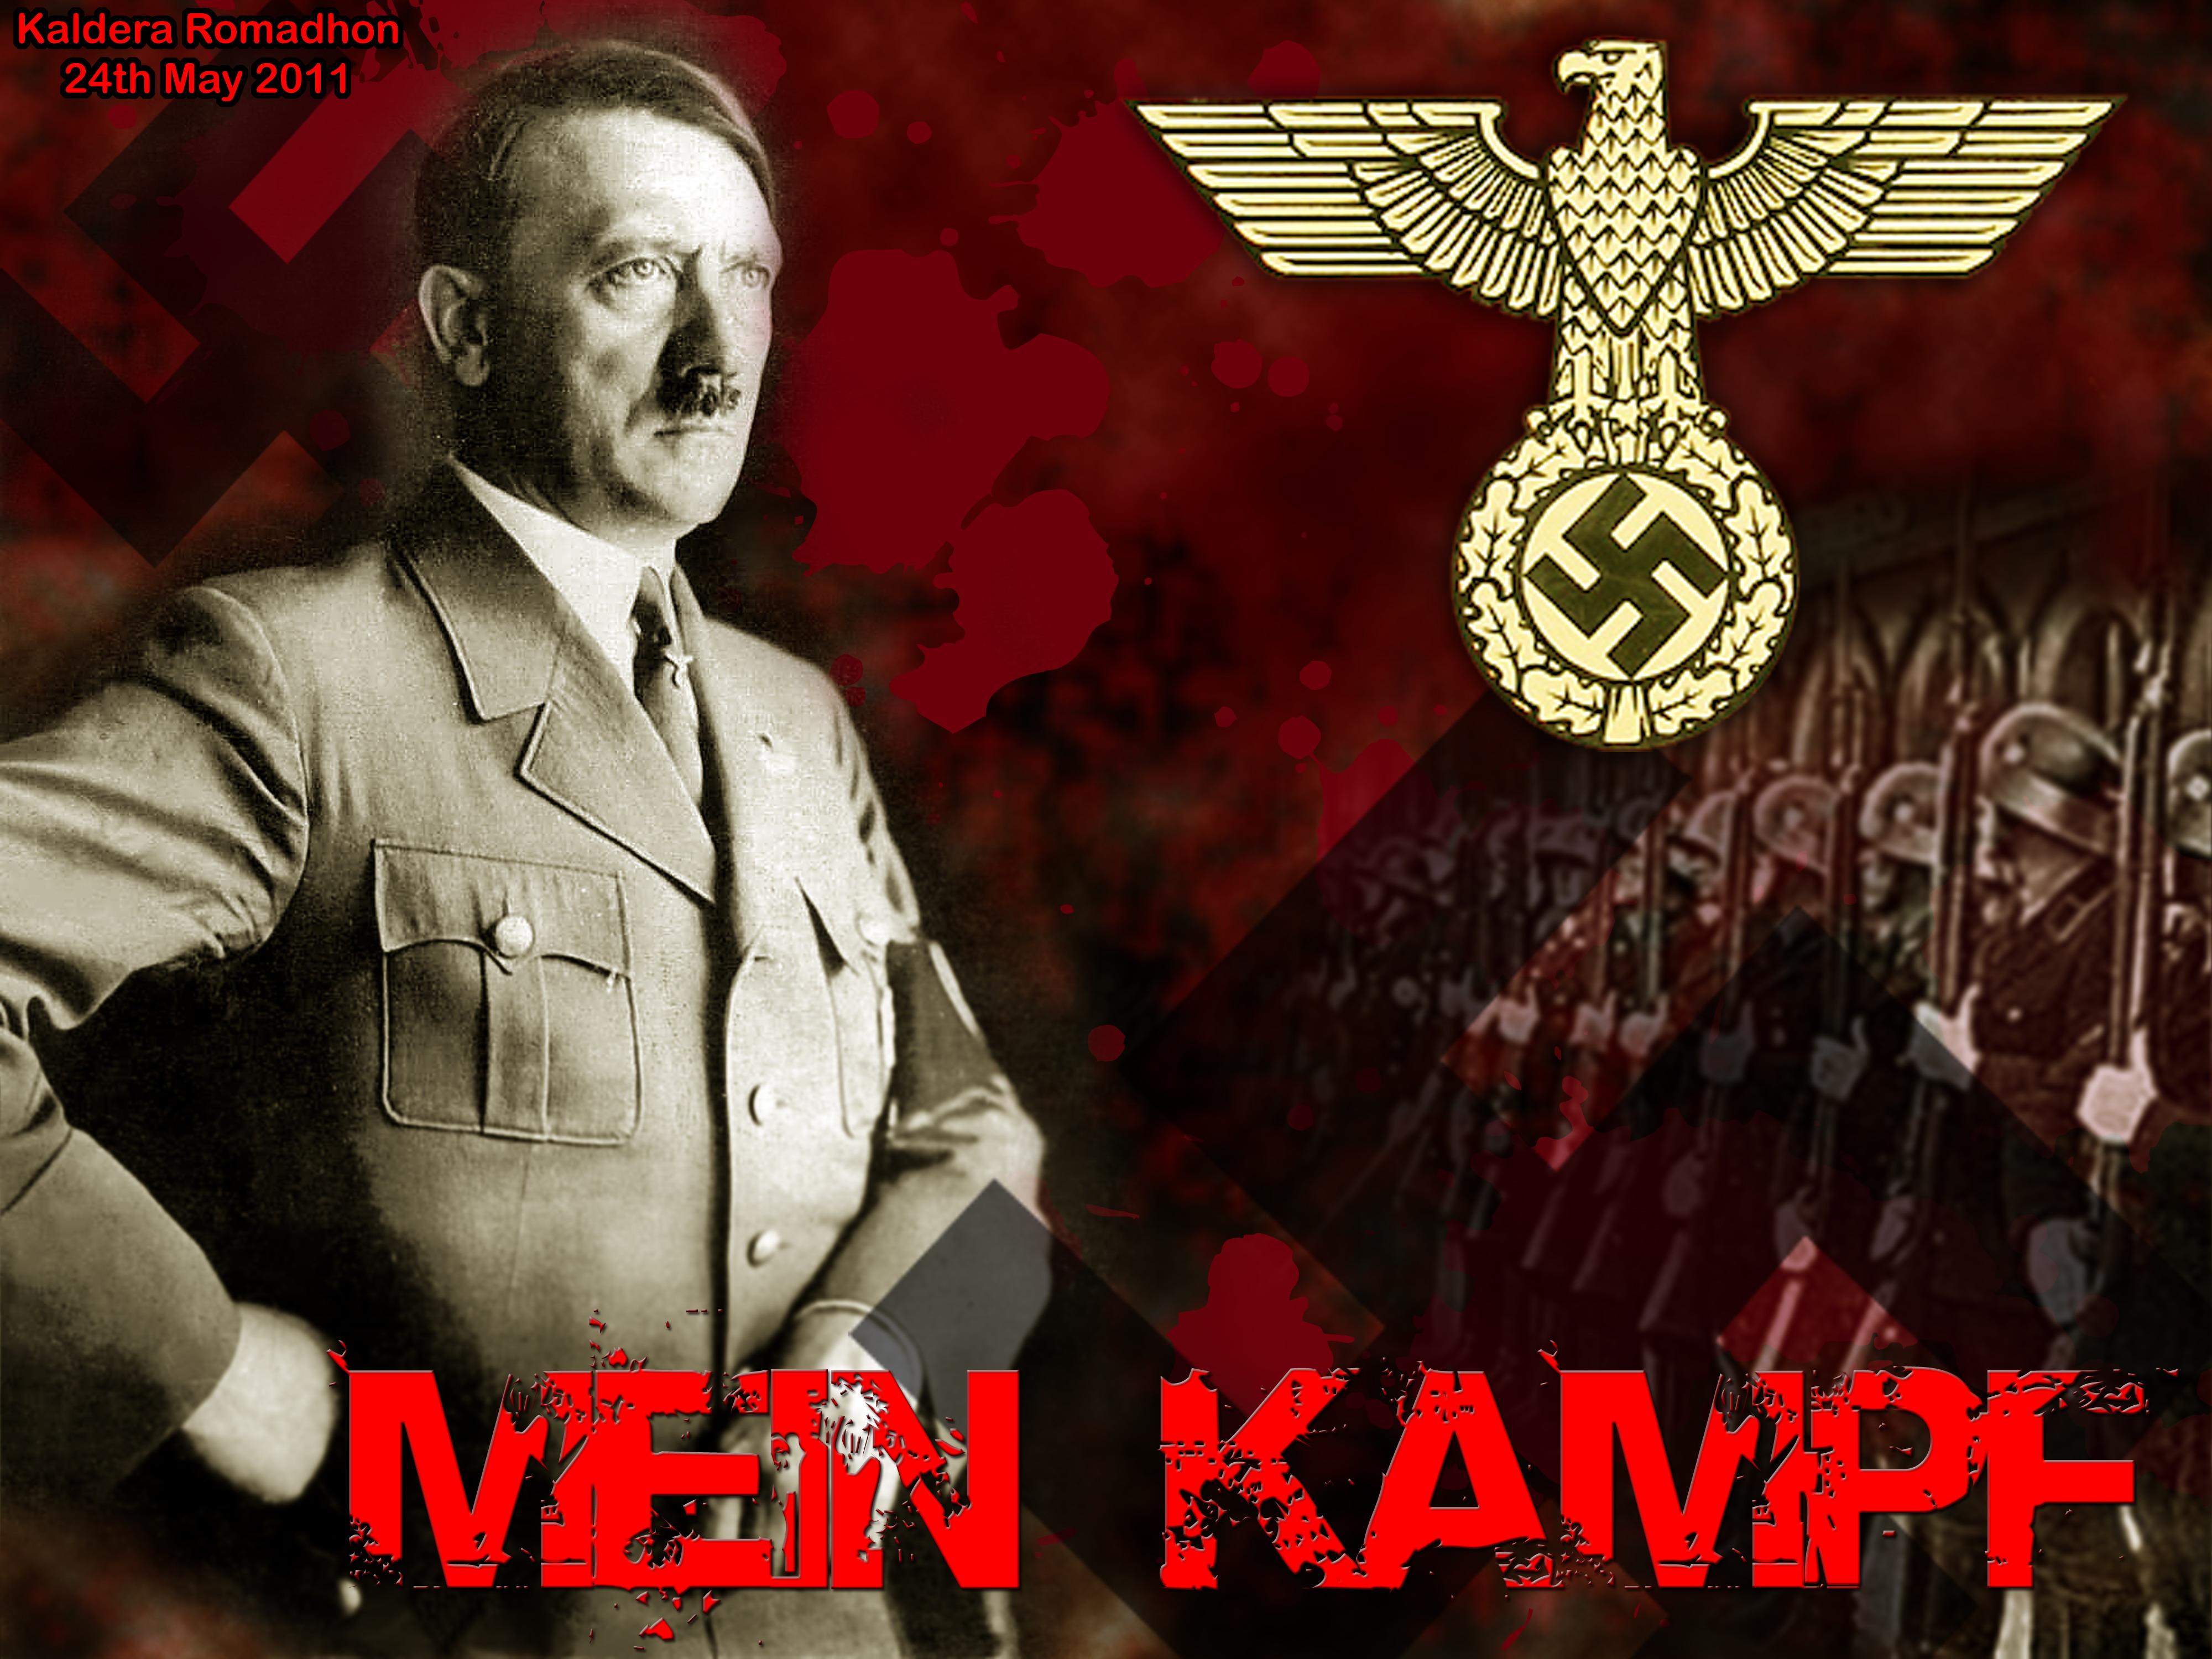 Adolf Hitler Wallpaper: Adolf Hitler Wallpaper..... By Melanoptera On DeviantArt